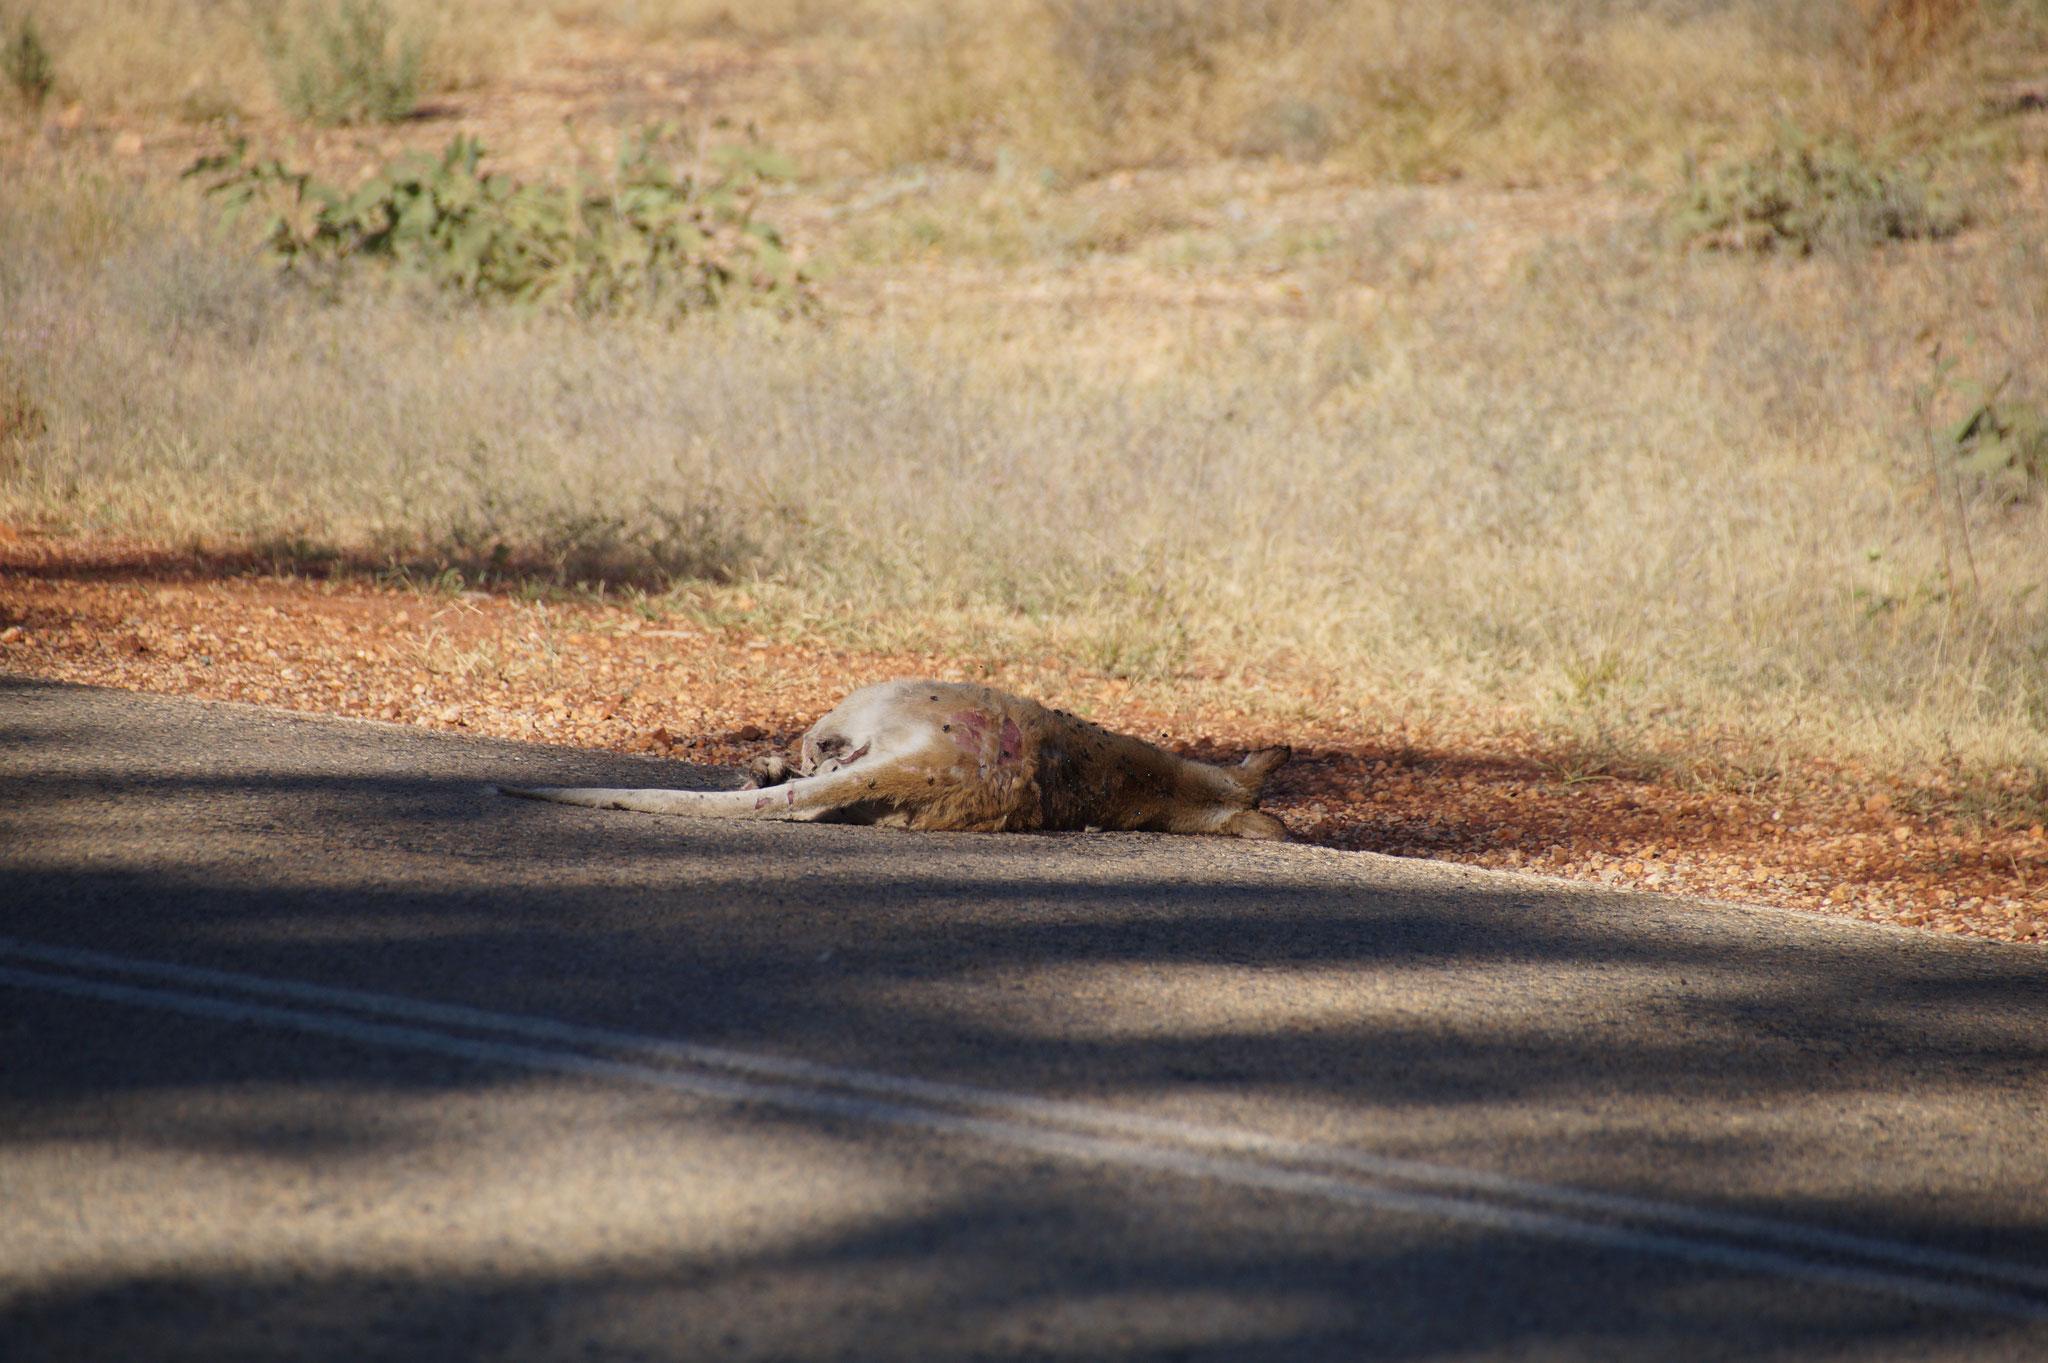 Überfahrene Kängurus sahen wir leider mehrfach. Nachtfahrten im Outback solltet ihr vermeiden.